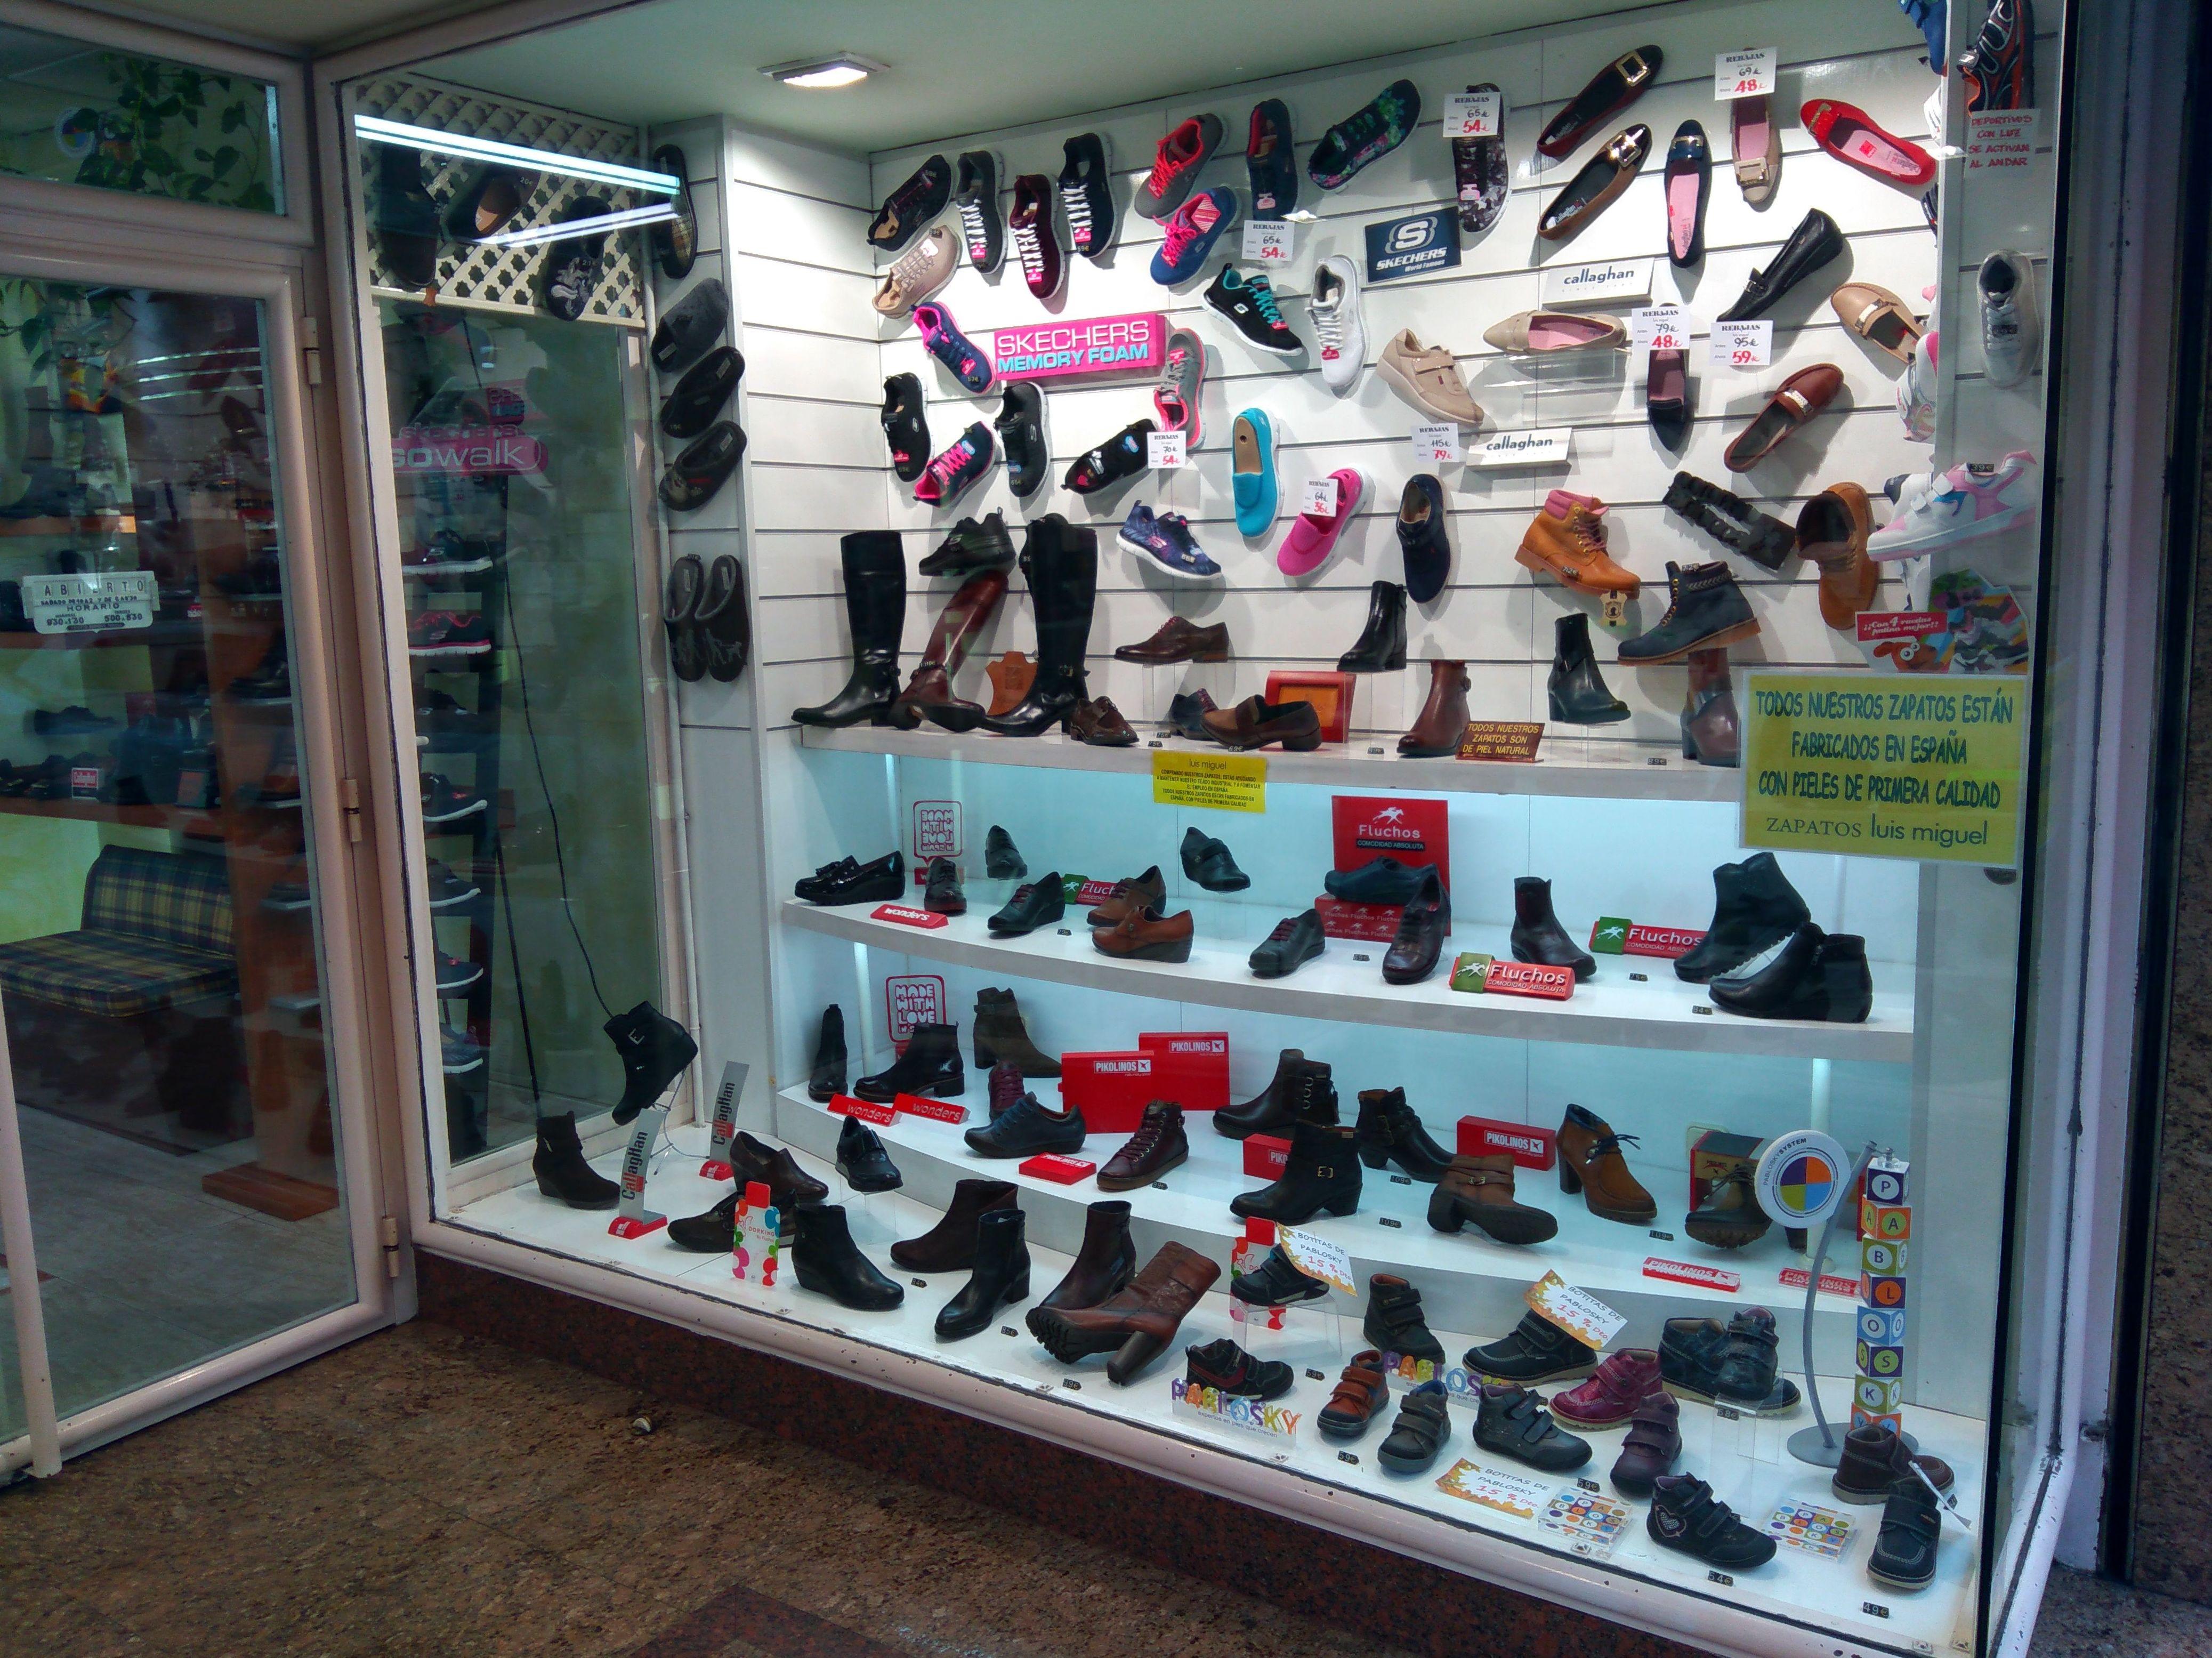 Foto 61 de venta de zapatos de señora y niños en piel en Alcorcón | Zapatos Luis Miguel